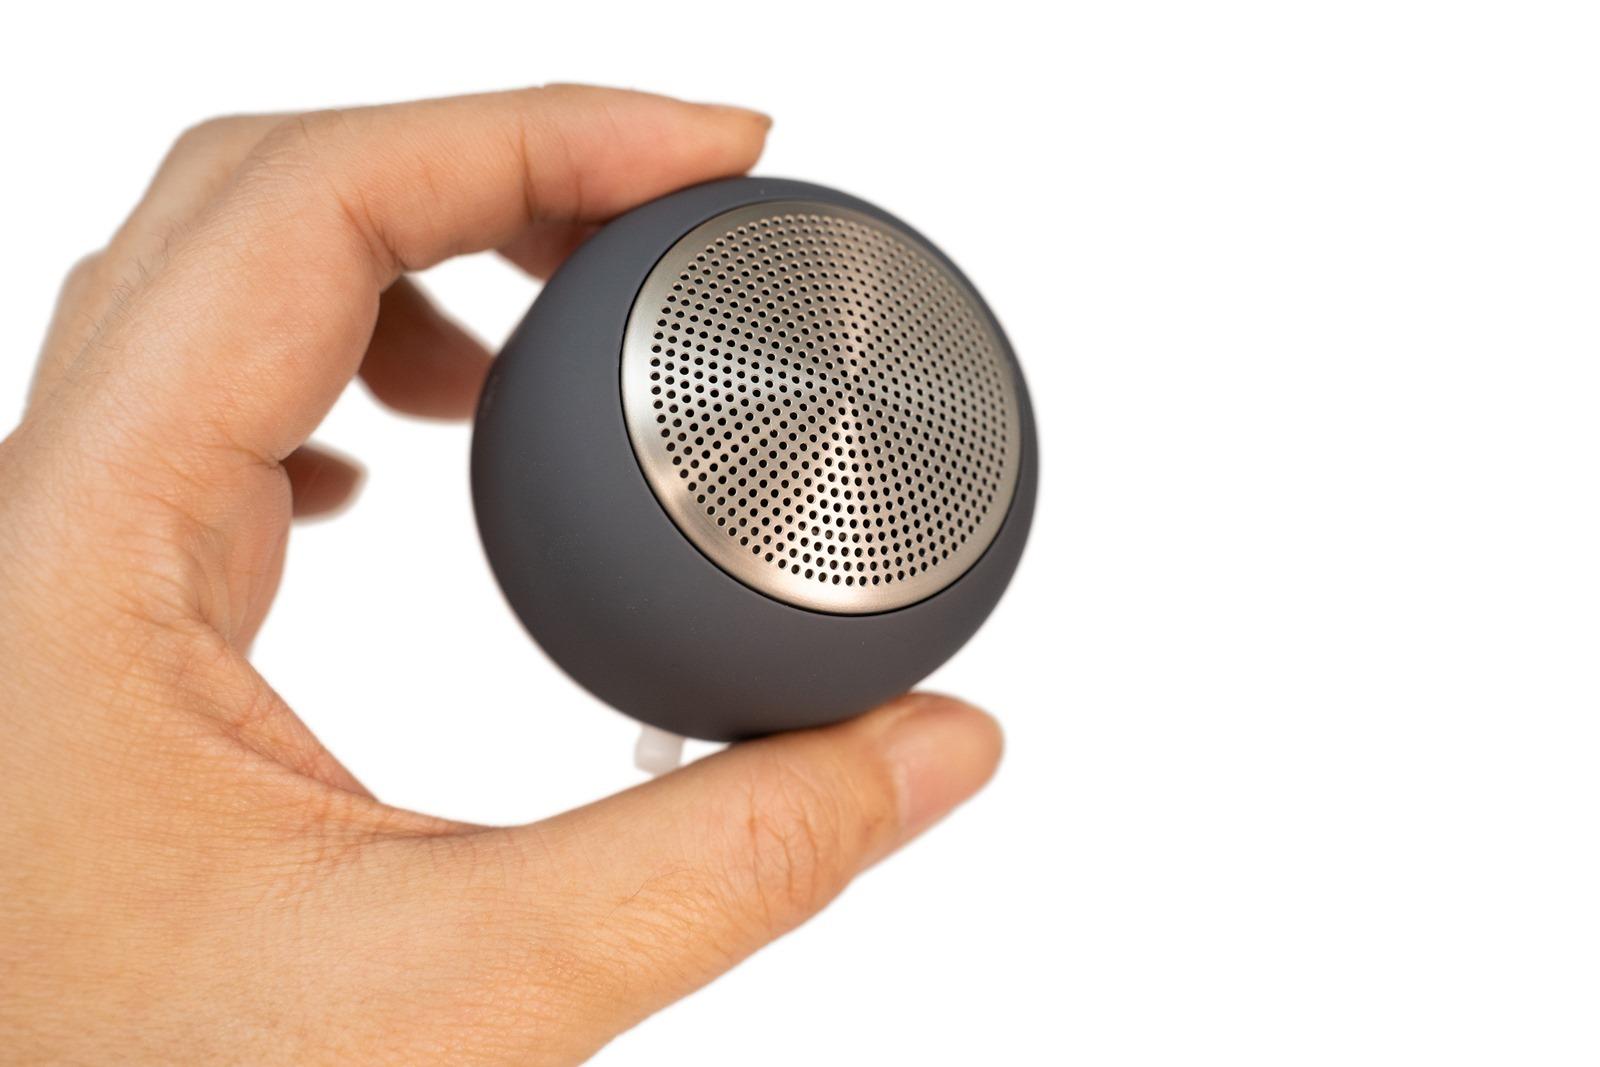 串接雙喇叭音質更震撼!隨處都可「貼」的 ONPRO N5 MA-SPN5 藍牙喇叭開箱 @3C 達人廖阿輝